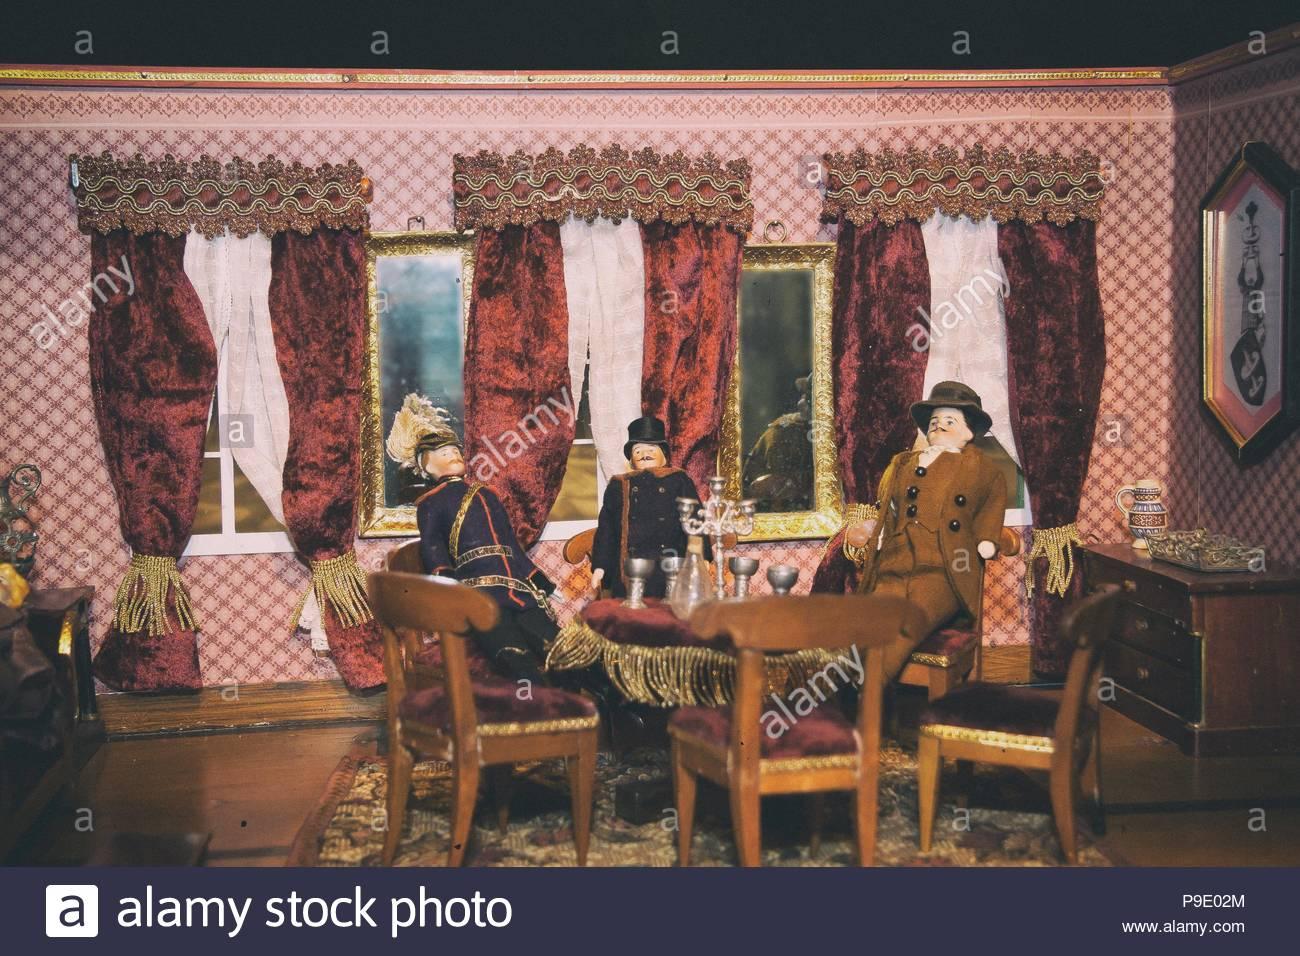 Dolls house soggiorno, uomini, un uomo militare, giocattoli, antico ...